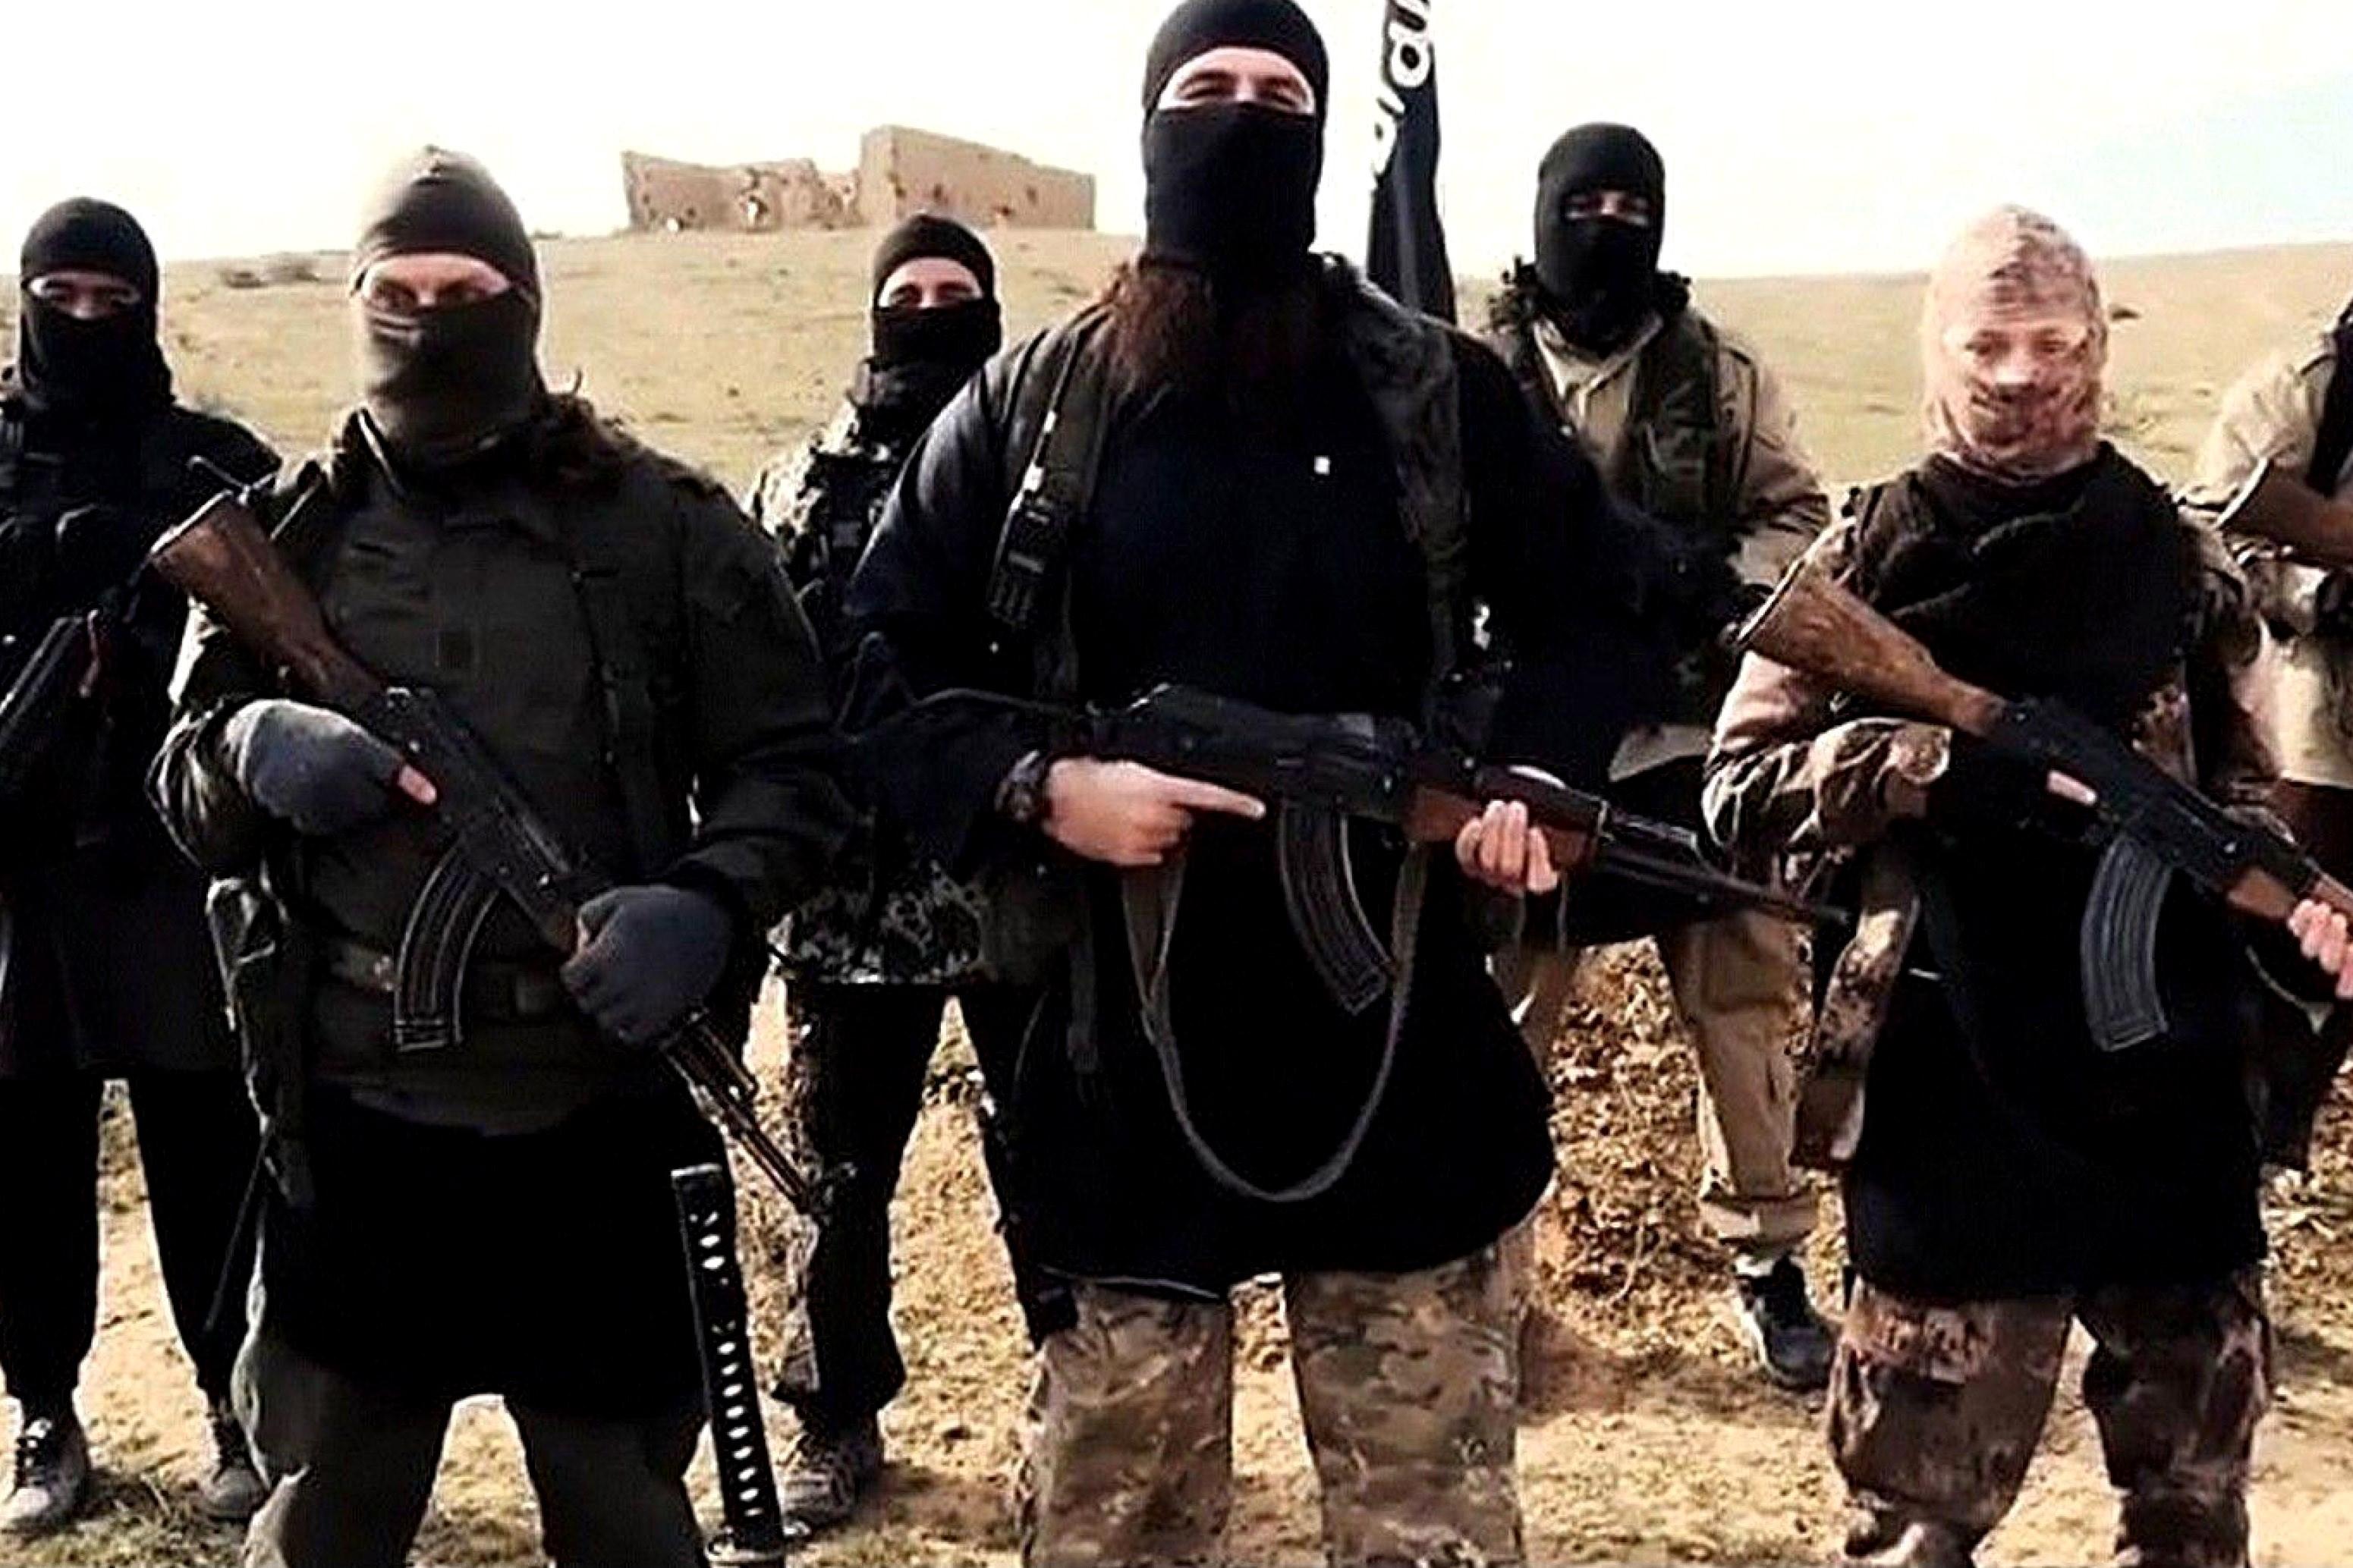 داعش کا 'وزیر اطلاعات' امریکی حملے میں ہلاک